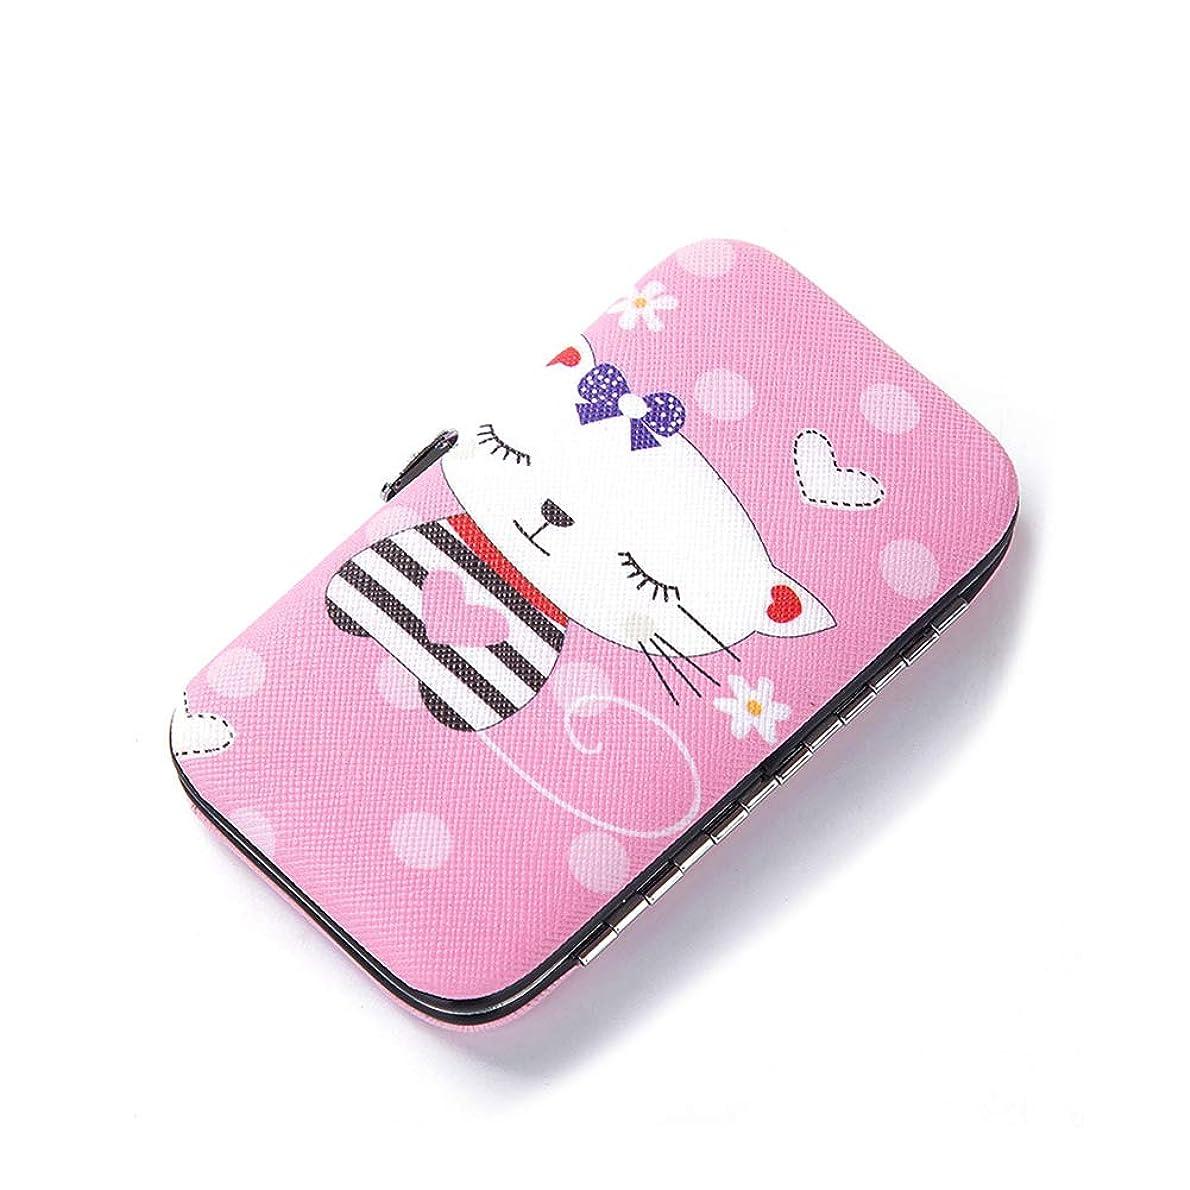 政治家メンター慈善Snner ビューティセット 爪切り 爪磨き 毛抜き ハサミ 耳かき 携帯 持ち運び 旅行 キャラクター (Pink cat)